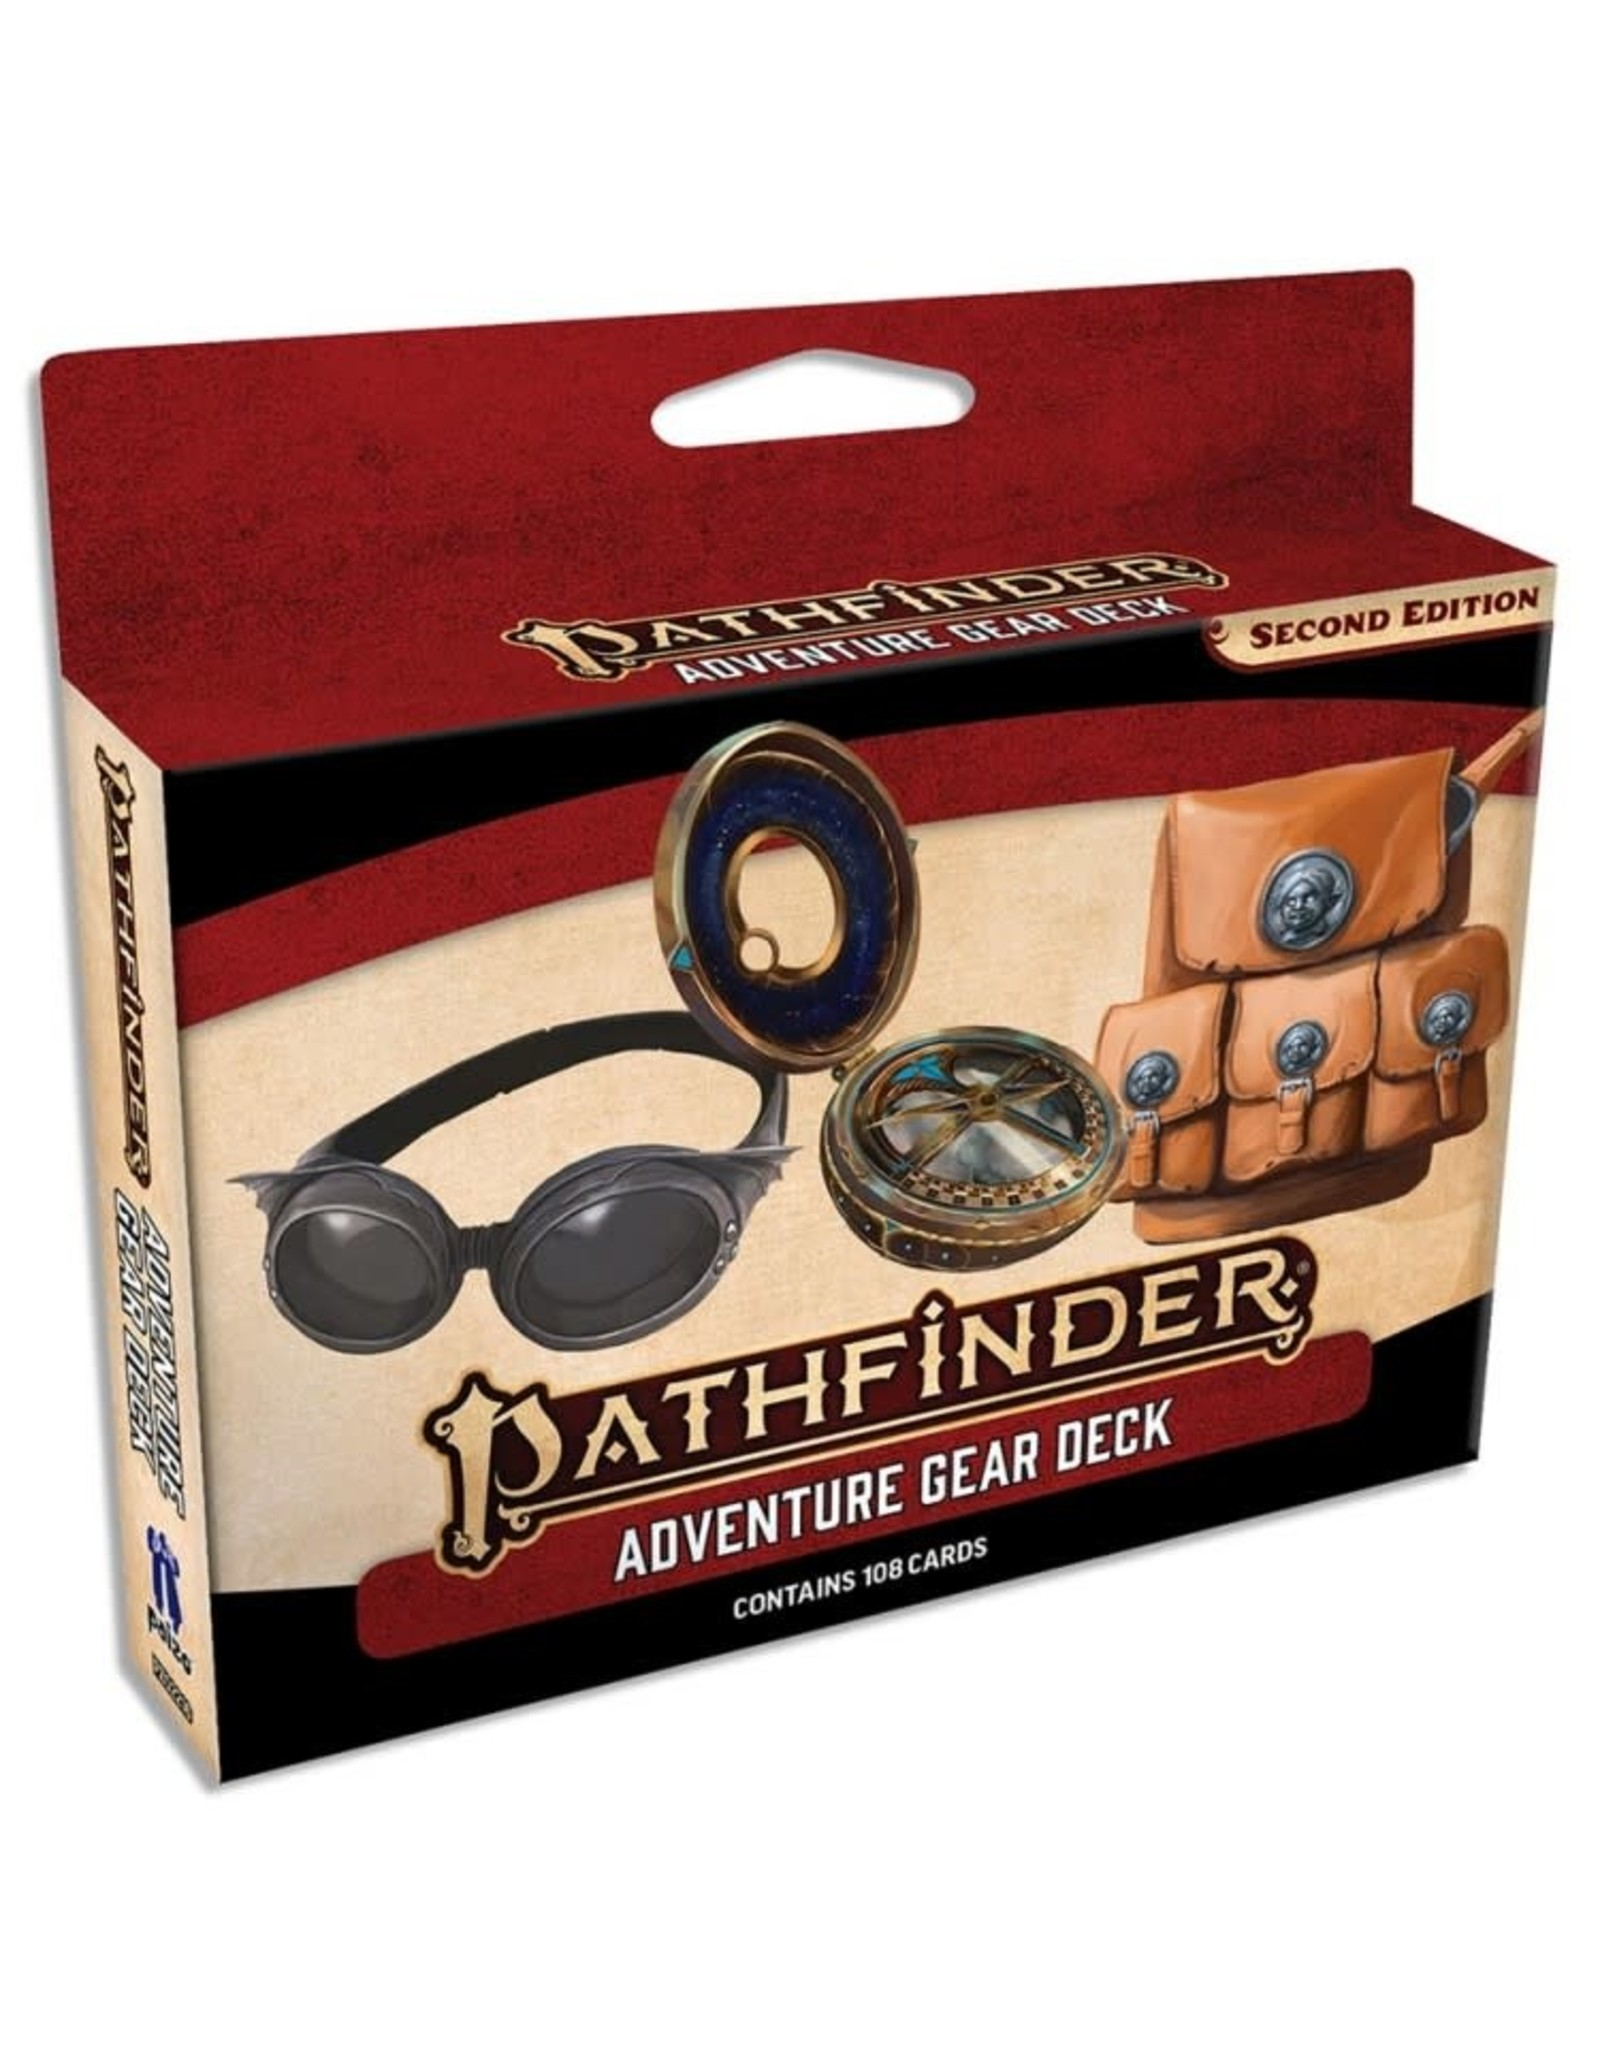 Paizo Pathfinder 2E: Adventure Gear Deck